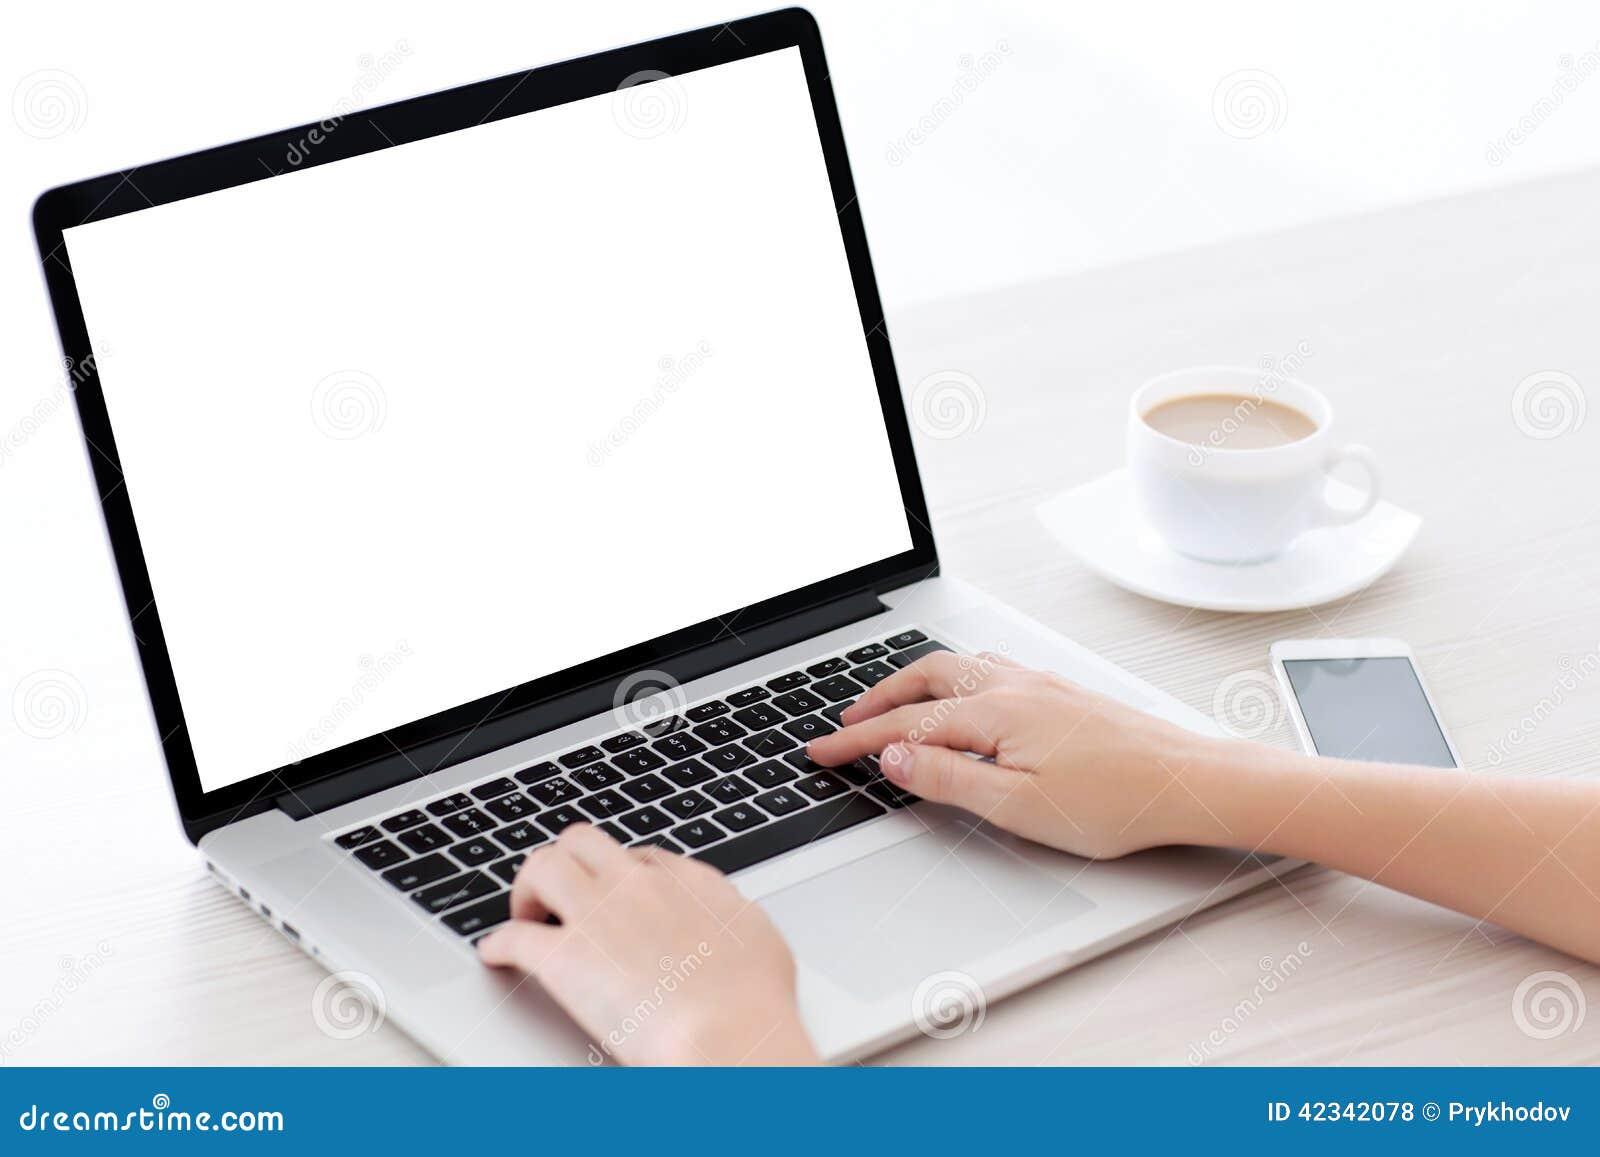 Kobieta wręcza pisać na maszynie na laptop klawiaturze z ekranem wewnątrz